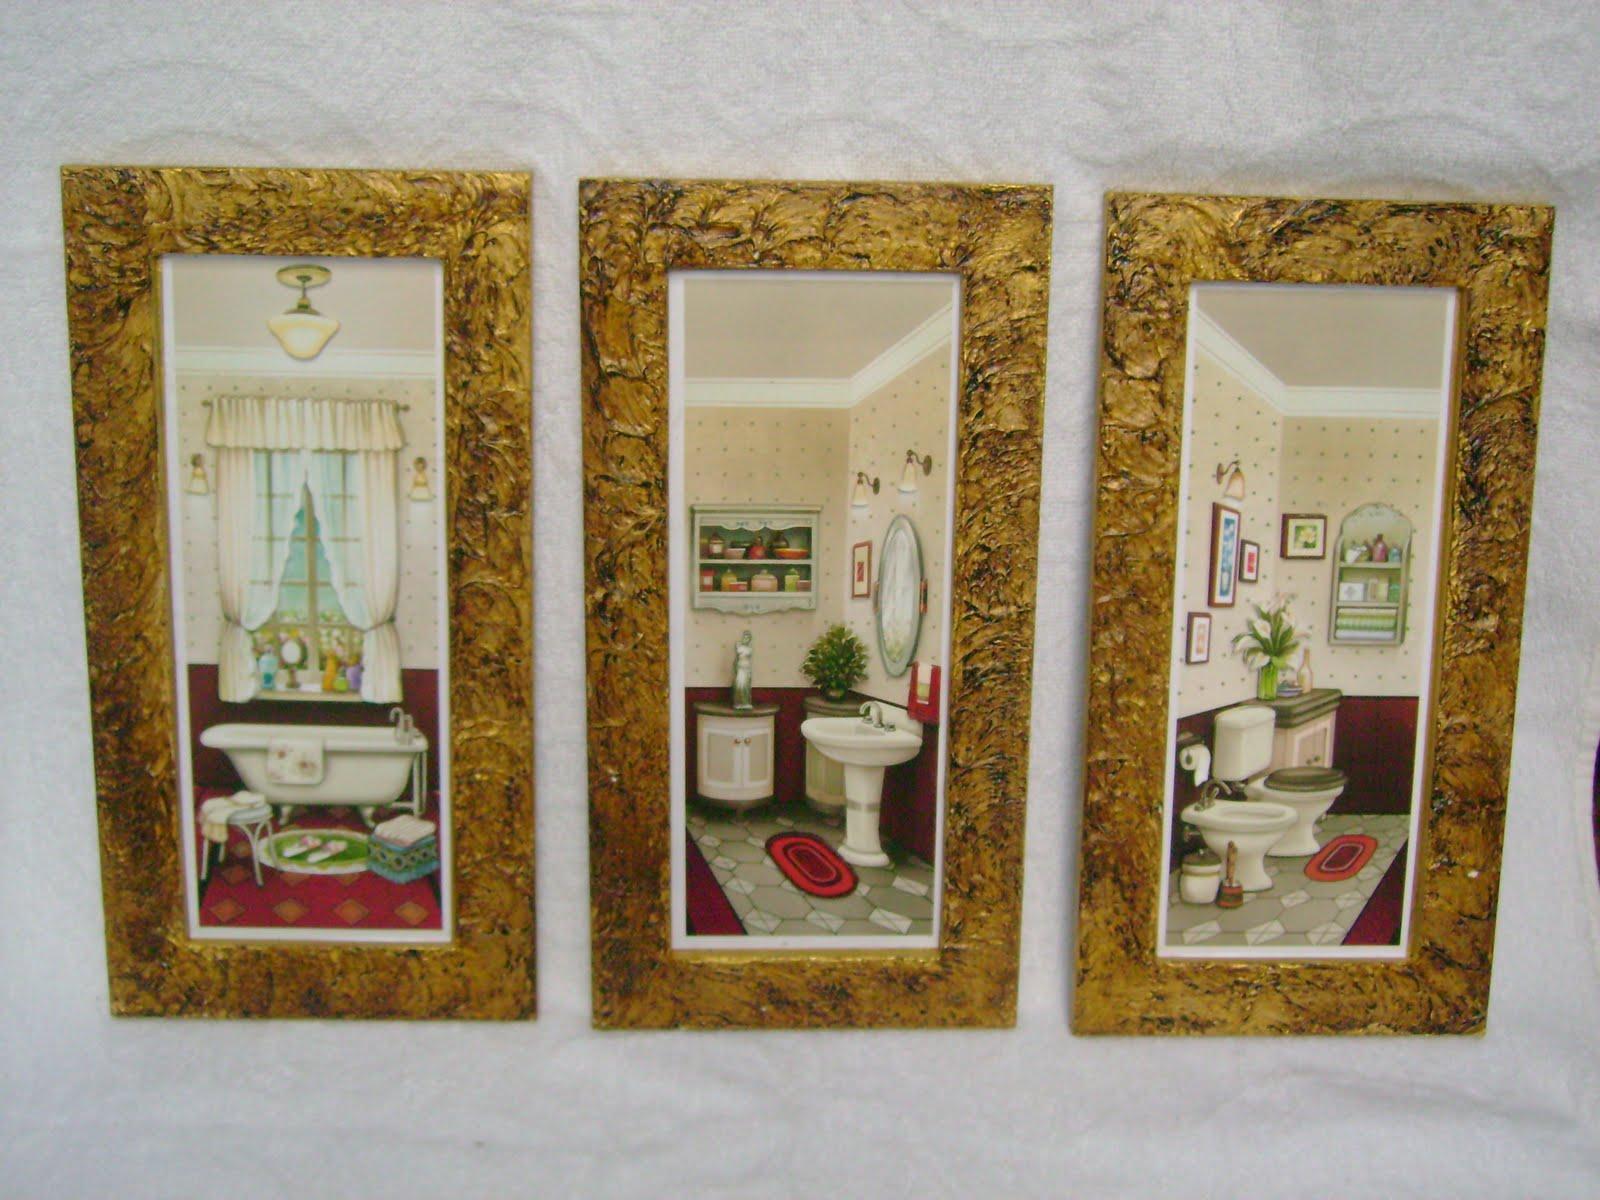 Kit Quadros para Banheiro Thoque Mágico medem aproximadamente 30 x  #6C4519 1600 1200